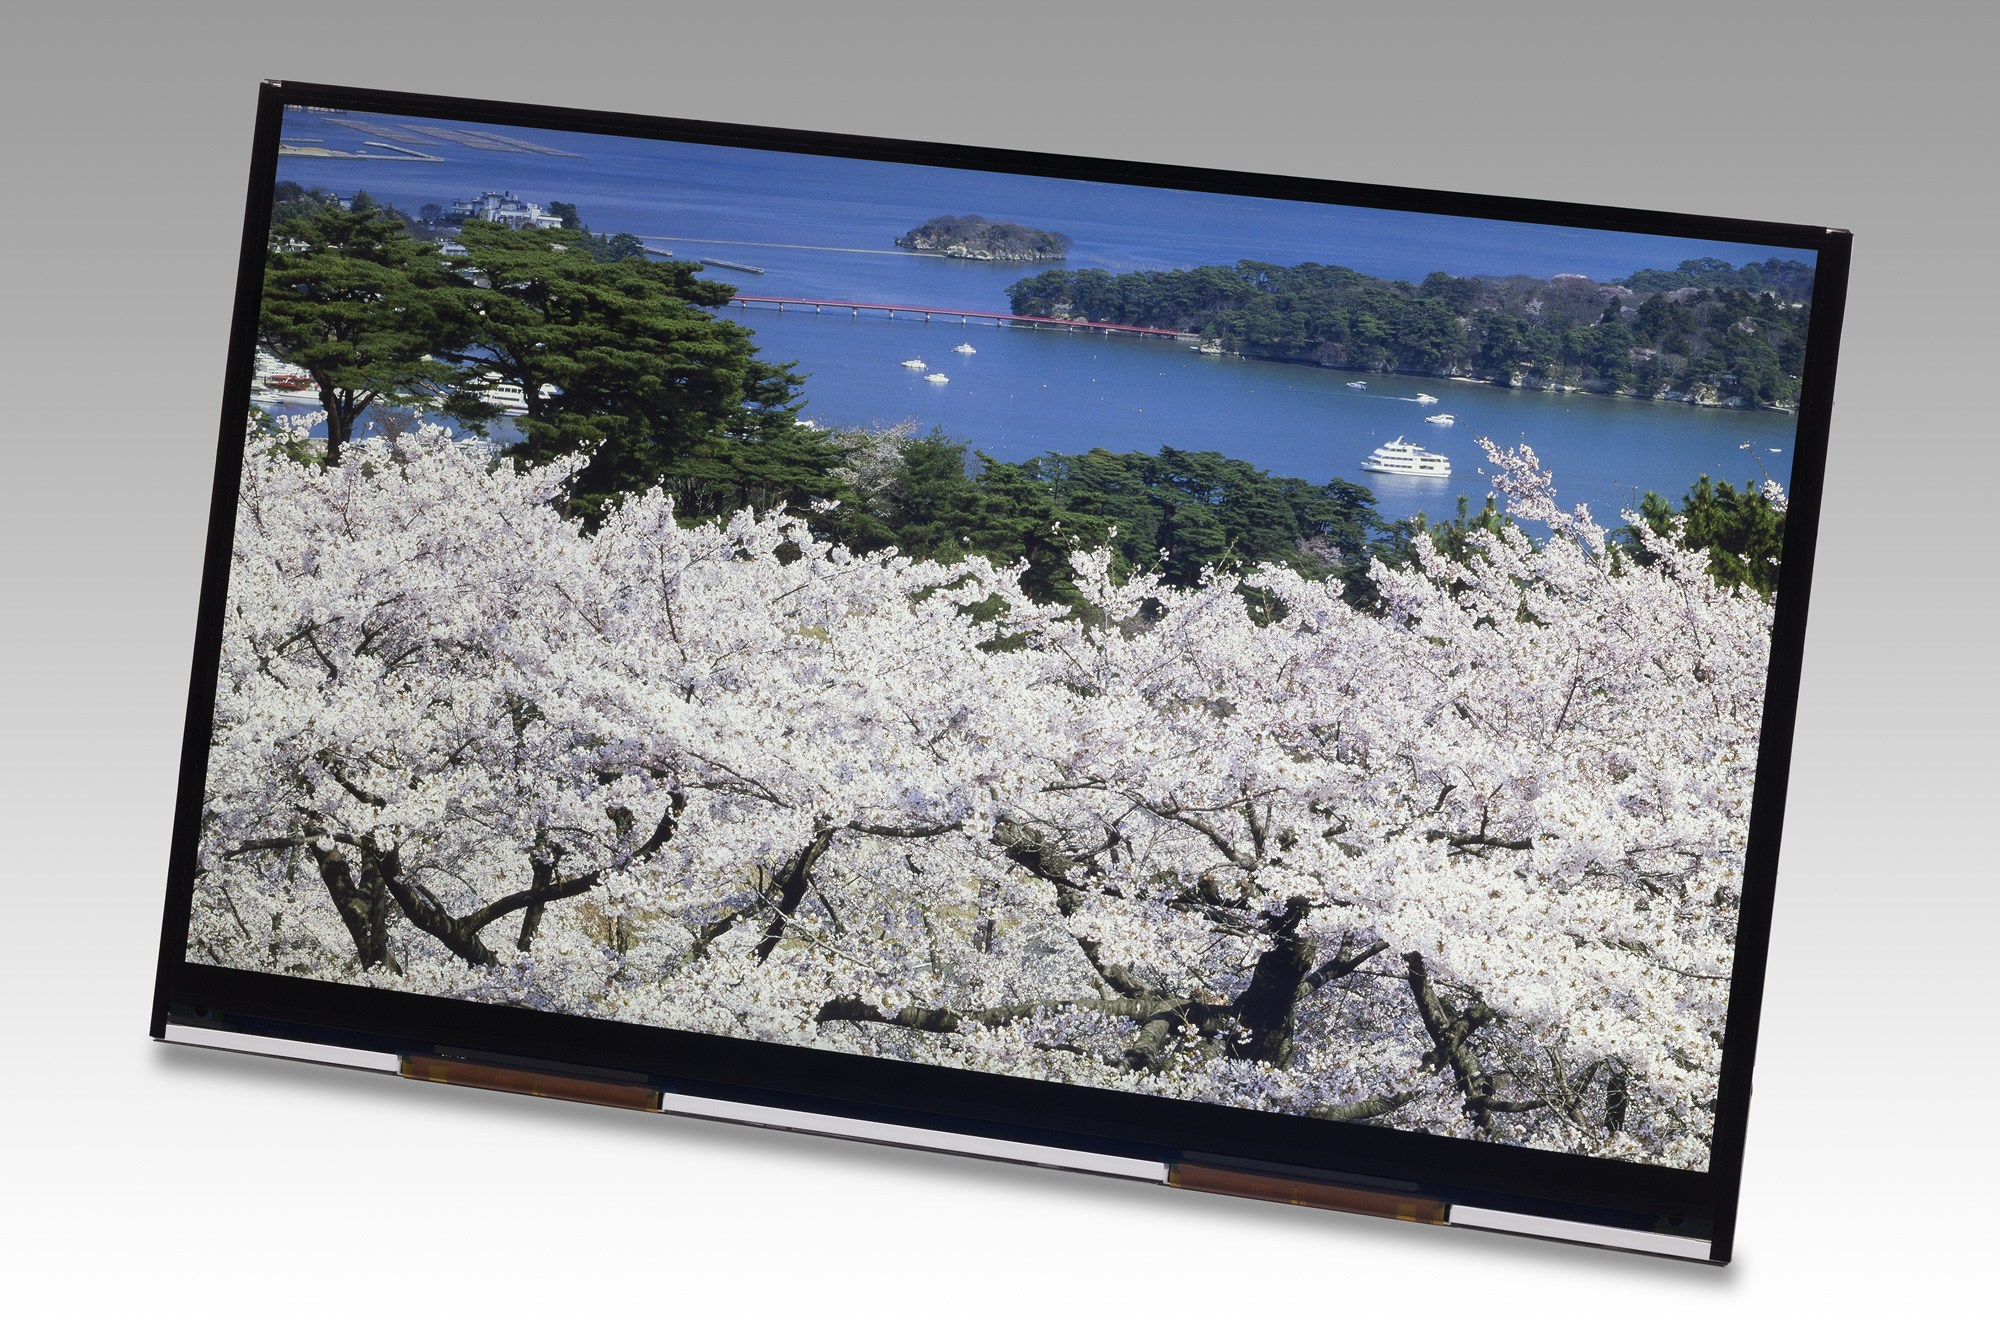 Une dalle 10,1 pouces UHD (4K) basse consommation pour les tablettes déjà finalisée